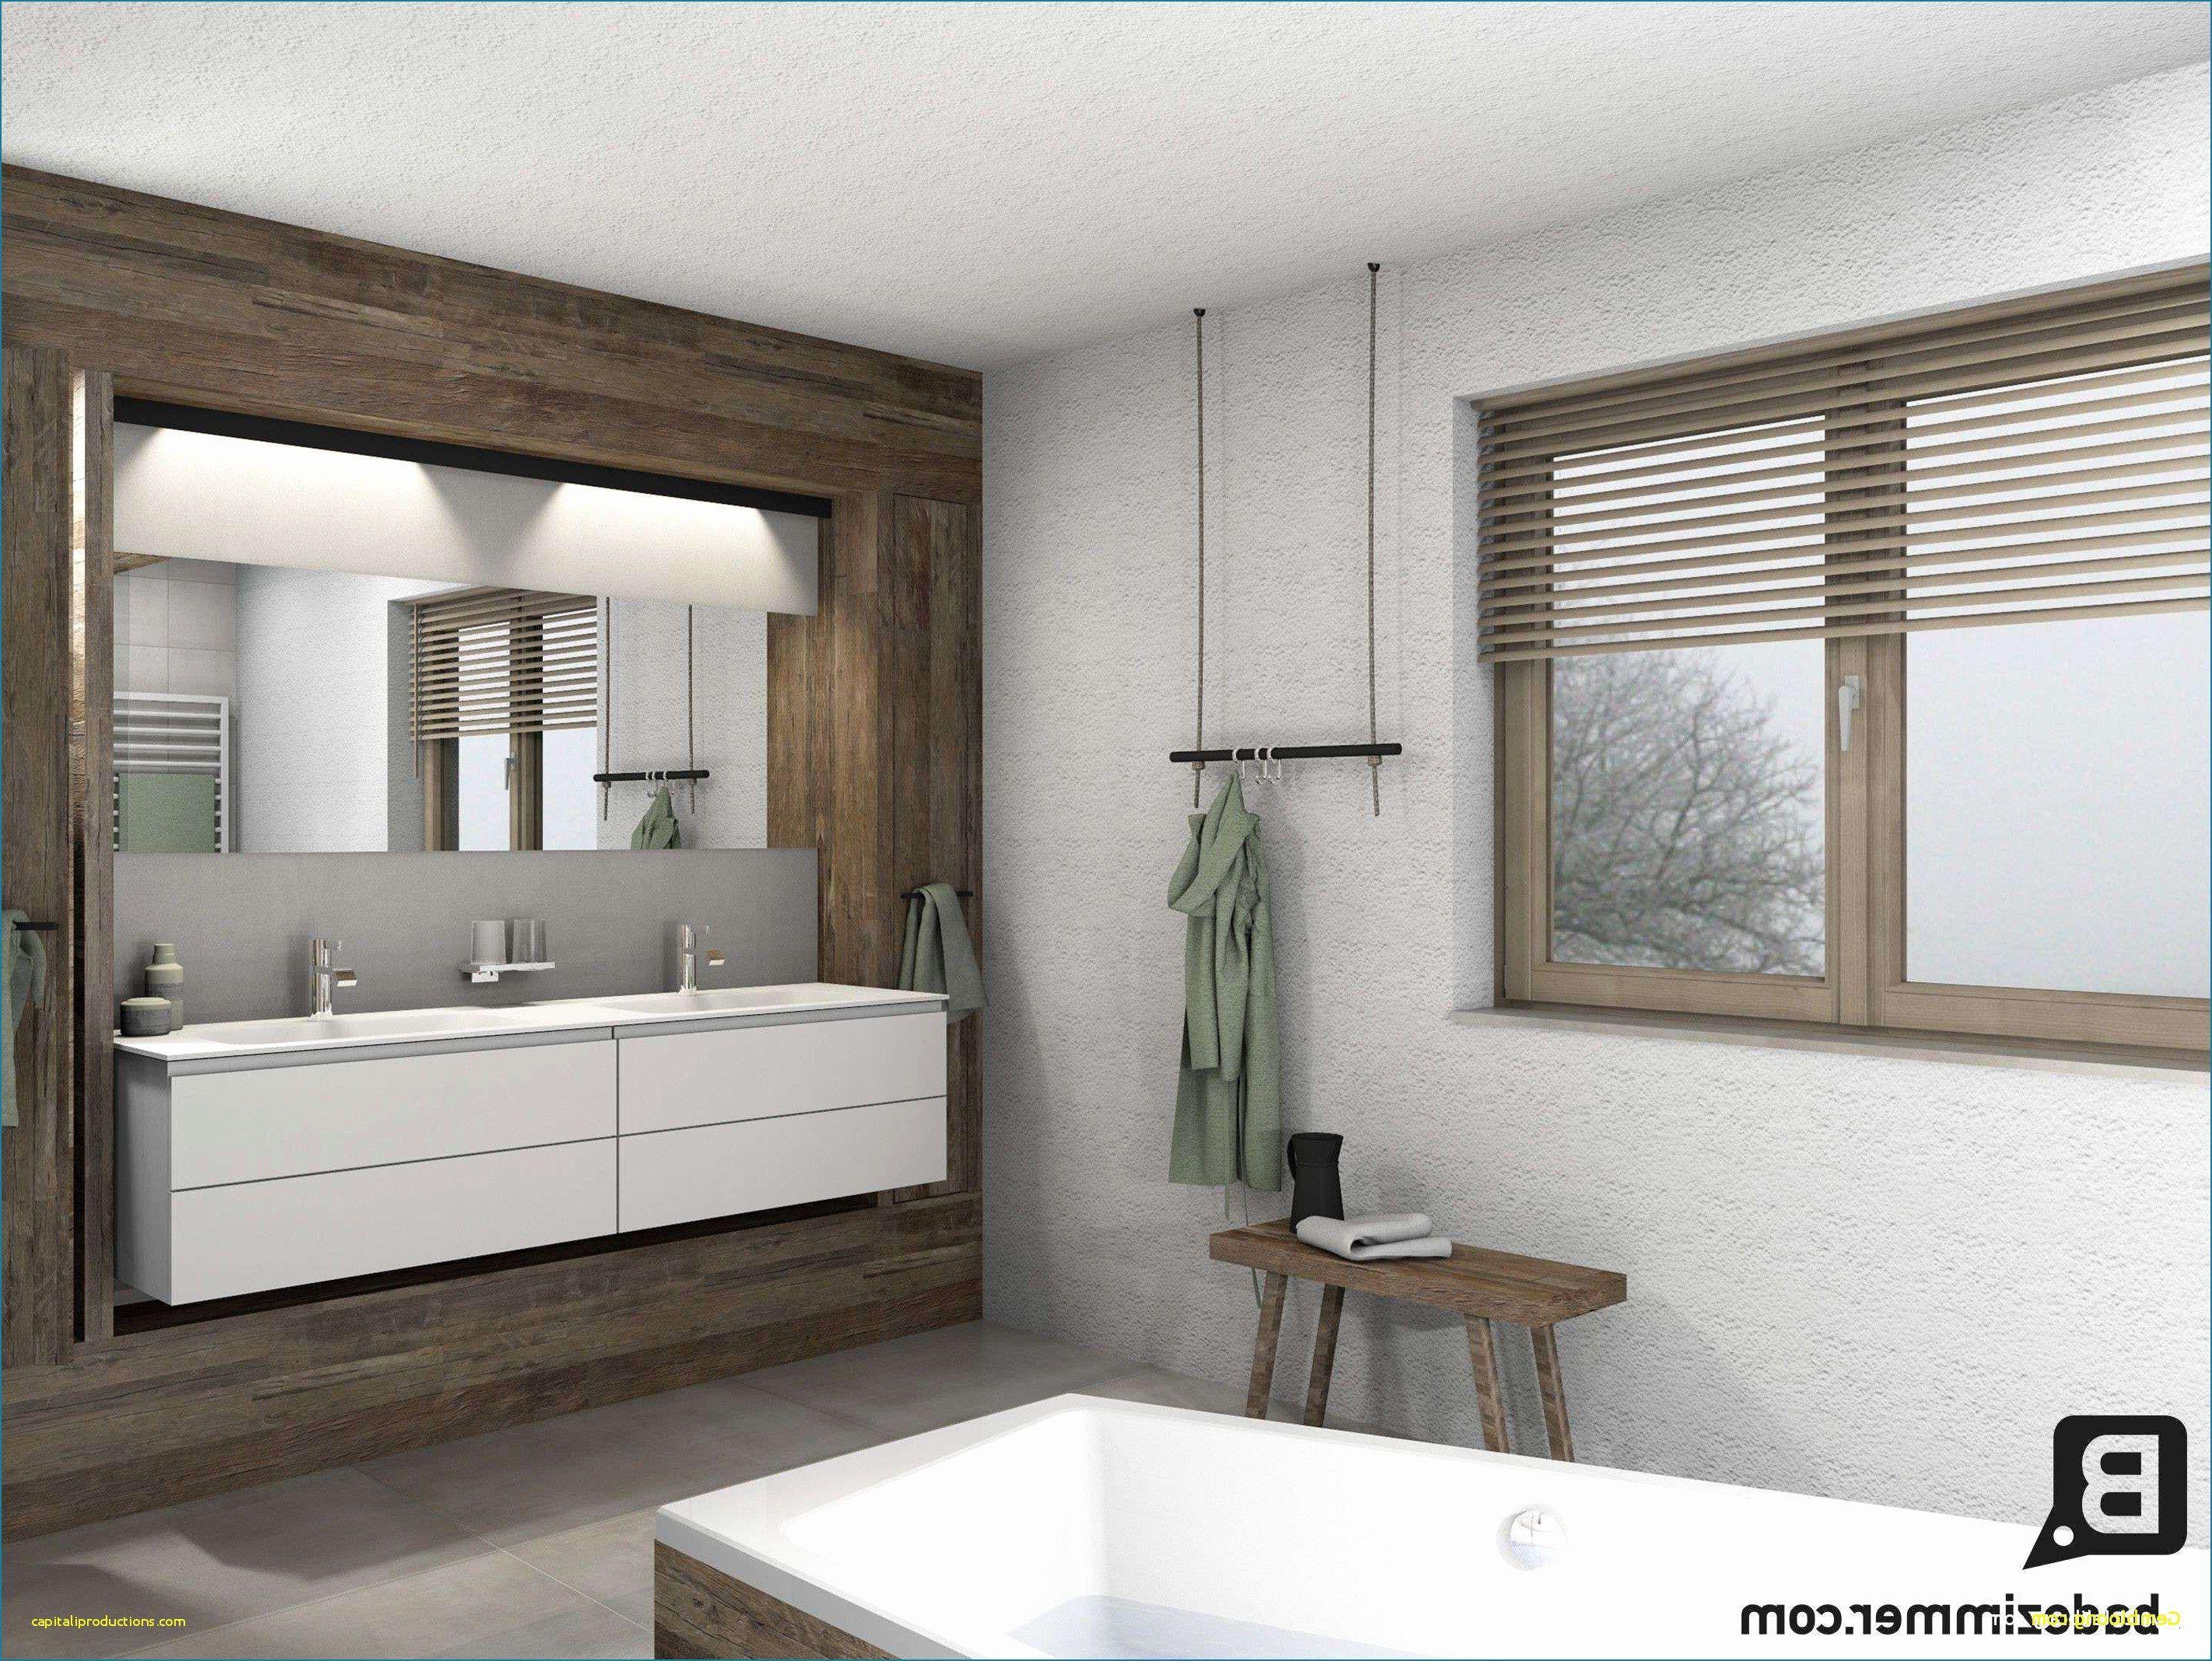 13 Badezimmer Ideen Modern Gardinen Badezimmer Modern Ideen Gardinen Eintagamsee Fliesen Design Badezimmer Gestalten Gardinen Modern